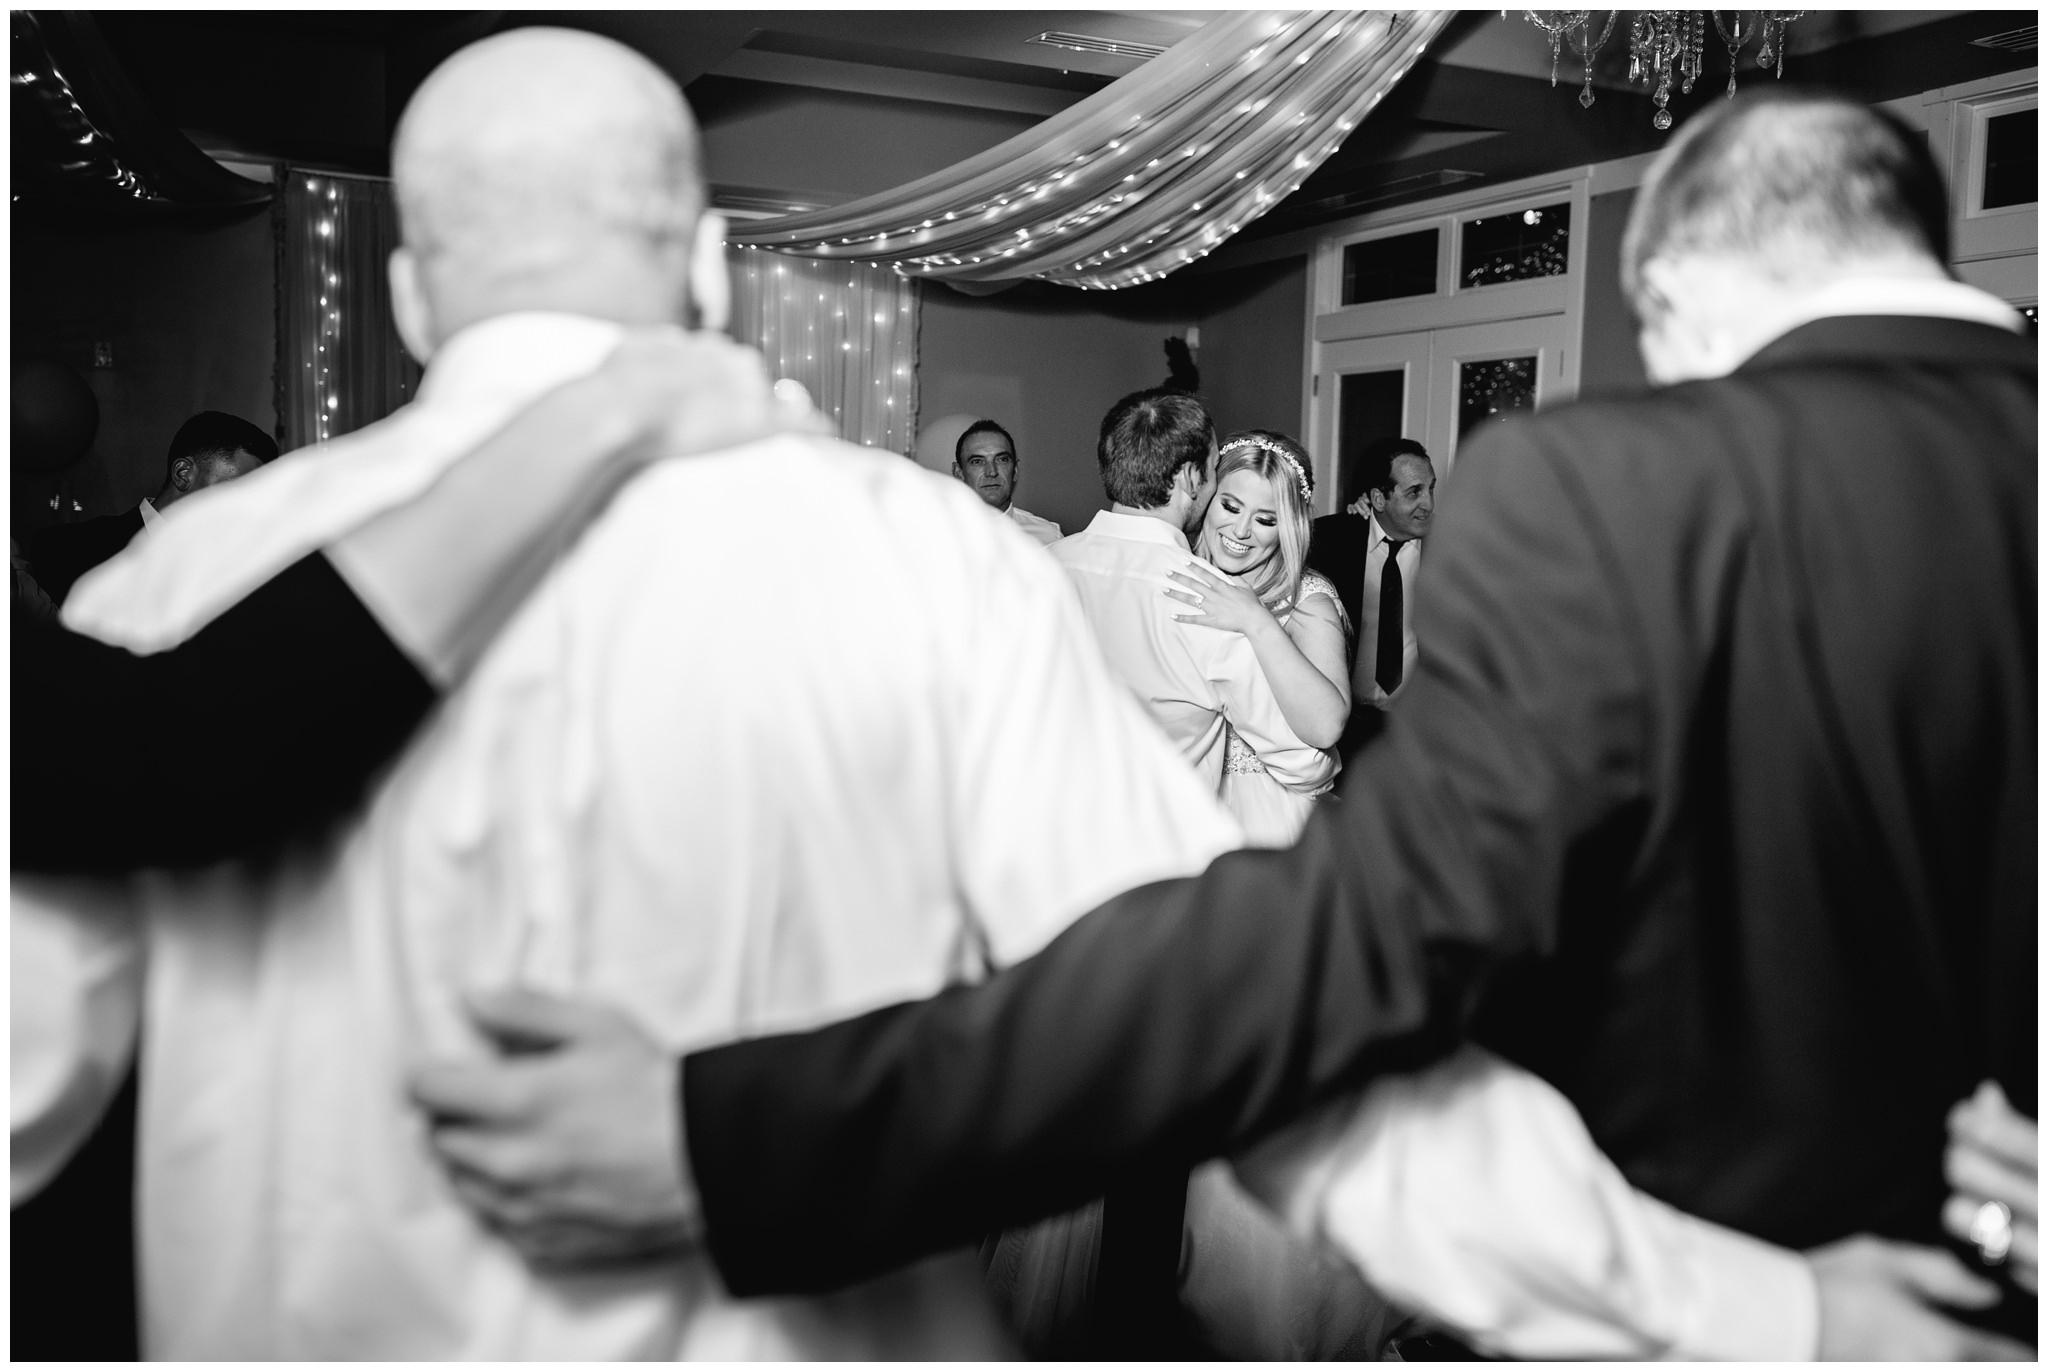 Bride and groom dancing at their wedding in Utah county